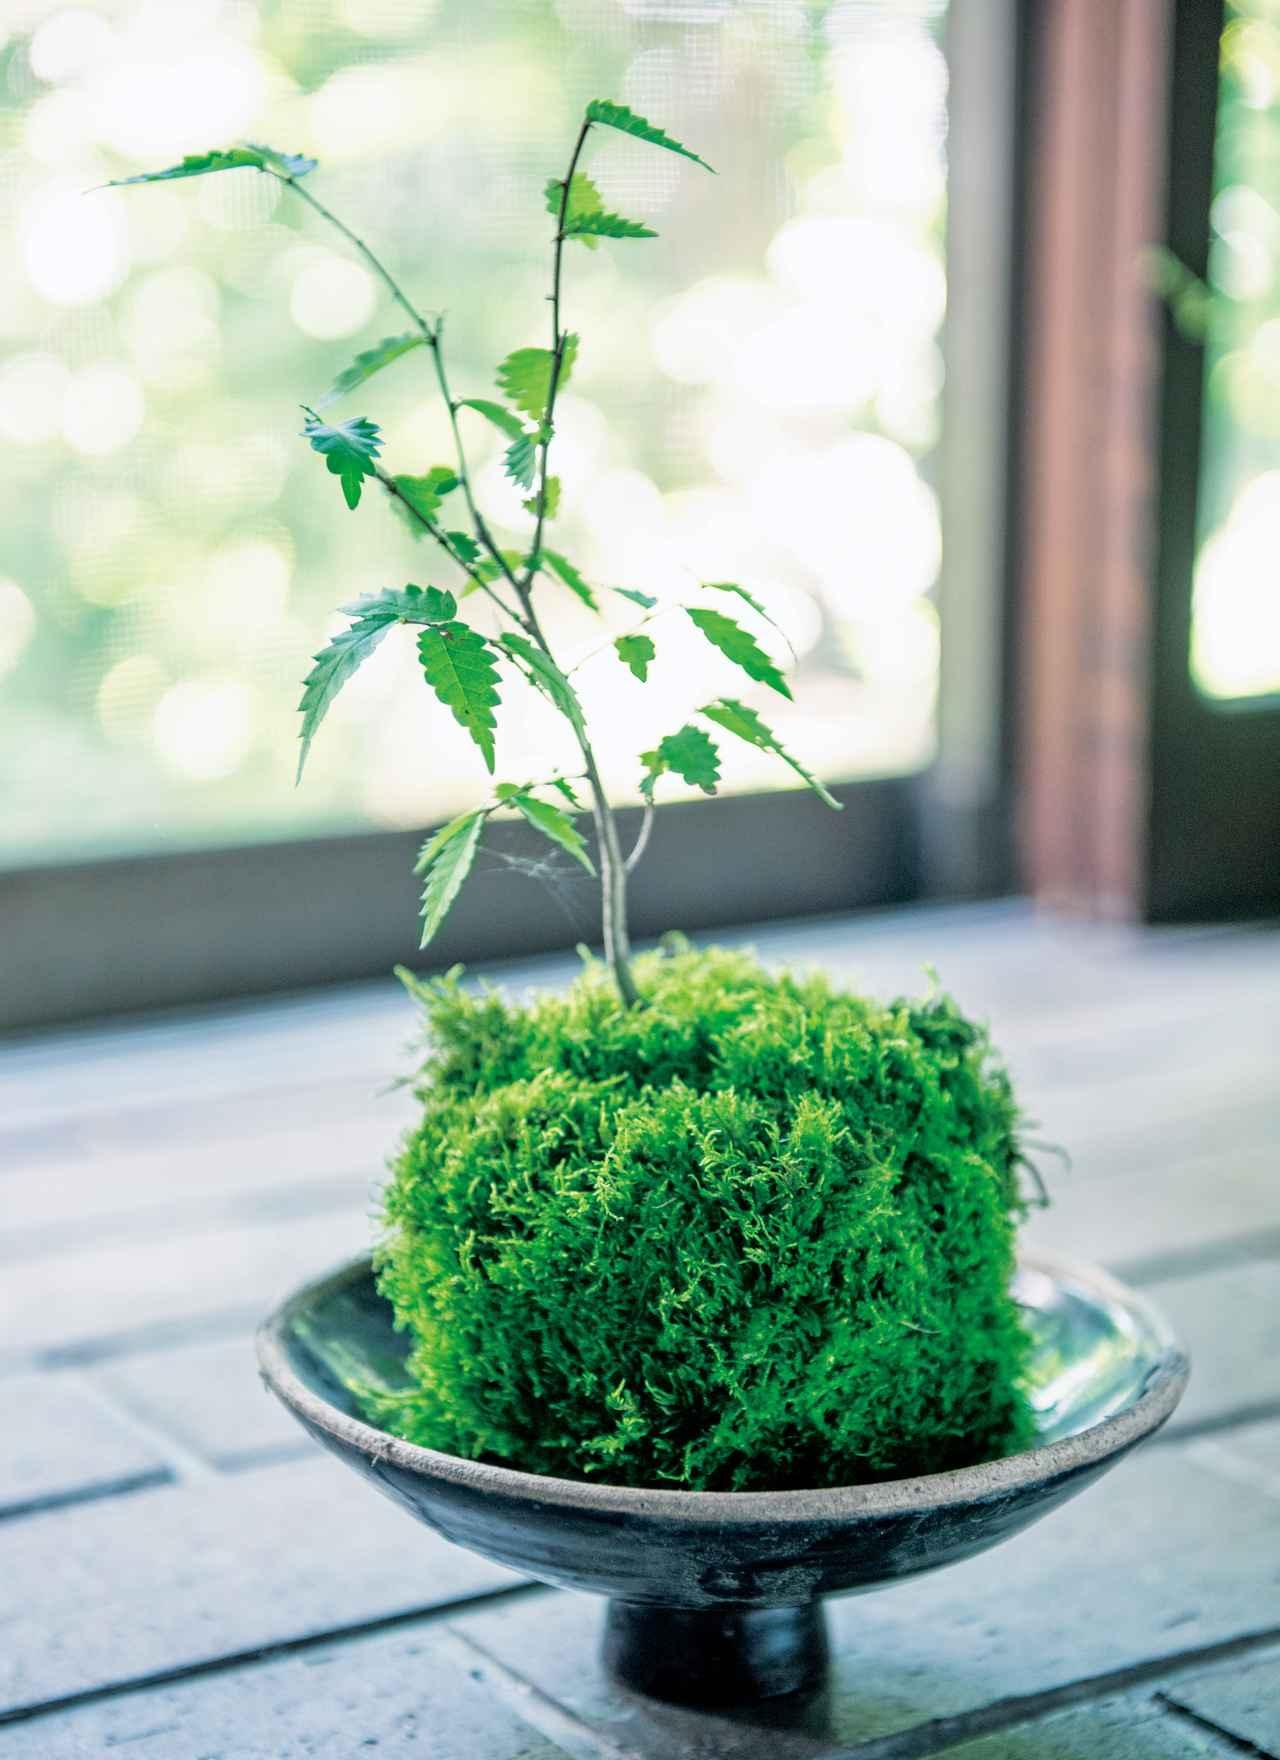 画像: 福森雅武さんの「土楽」の土鍋のふたは、丸みが、こけ玉によく似合う